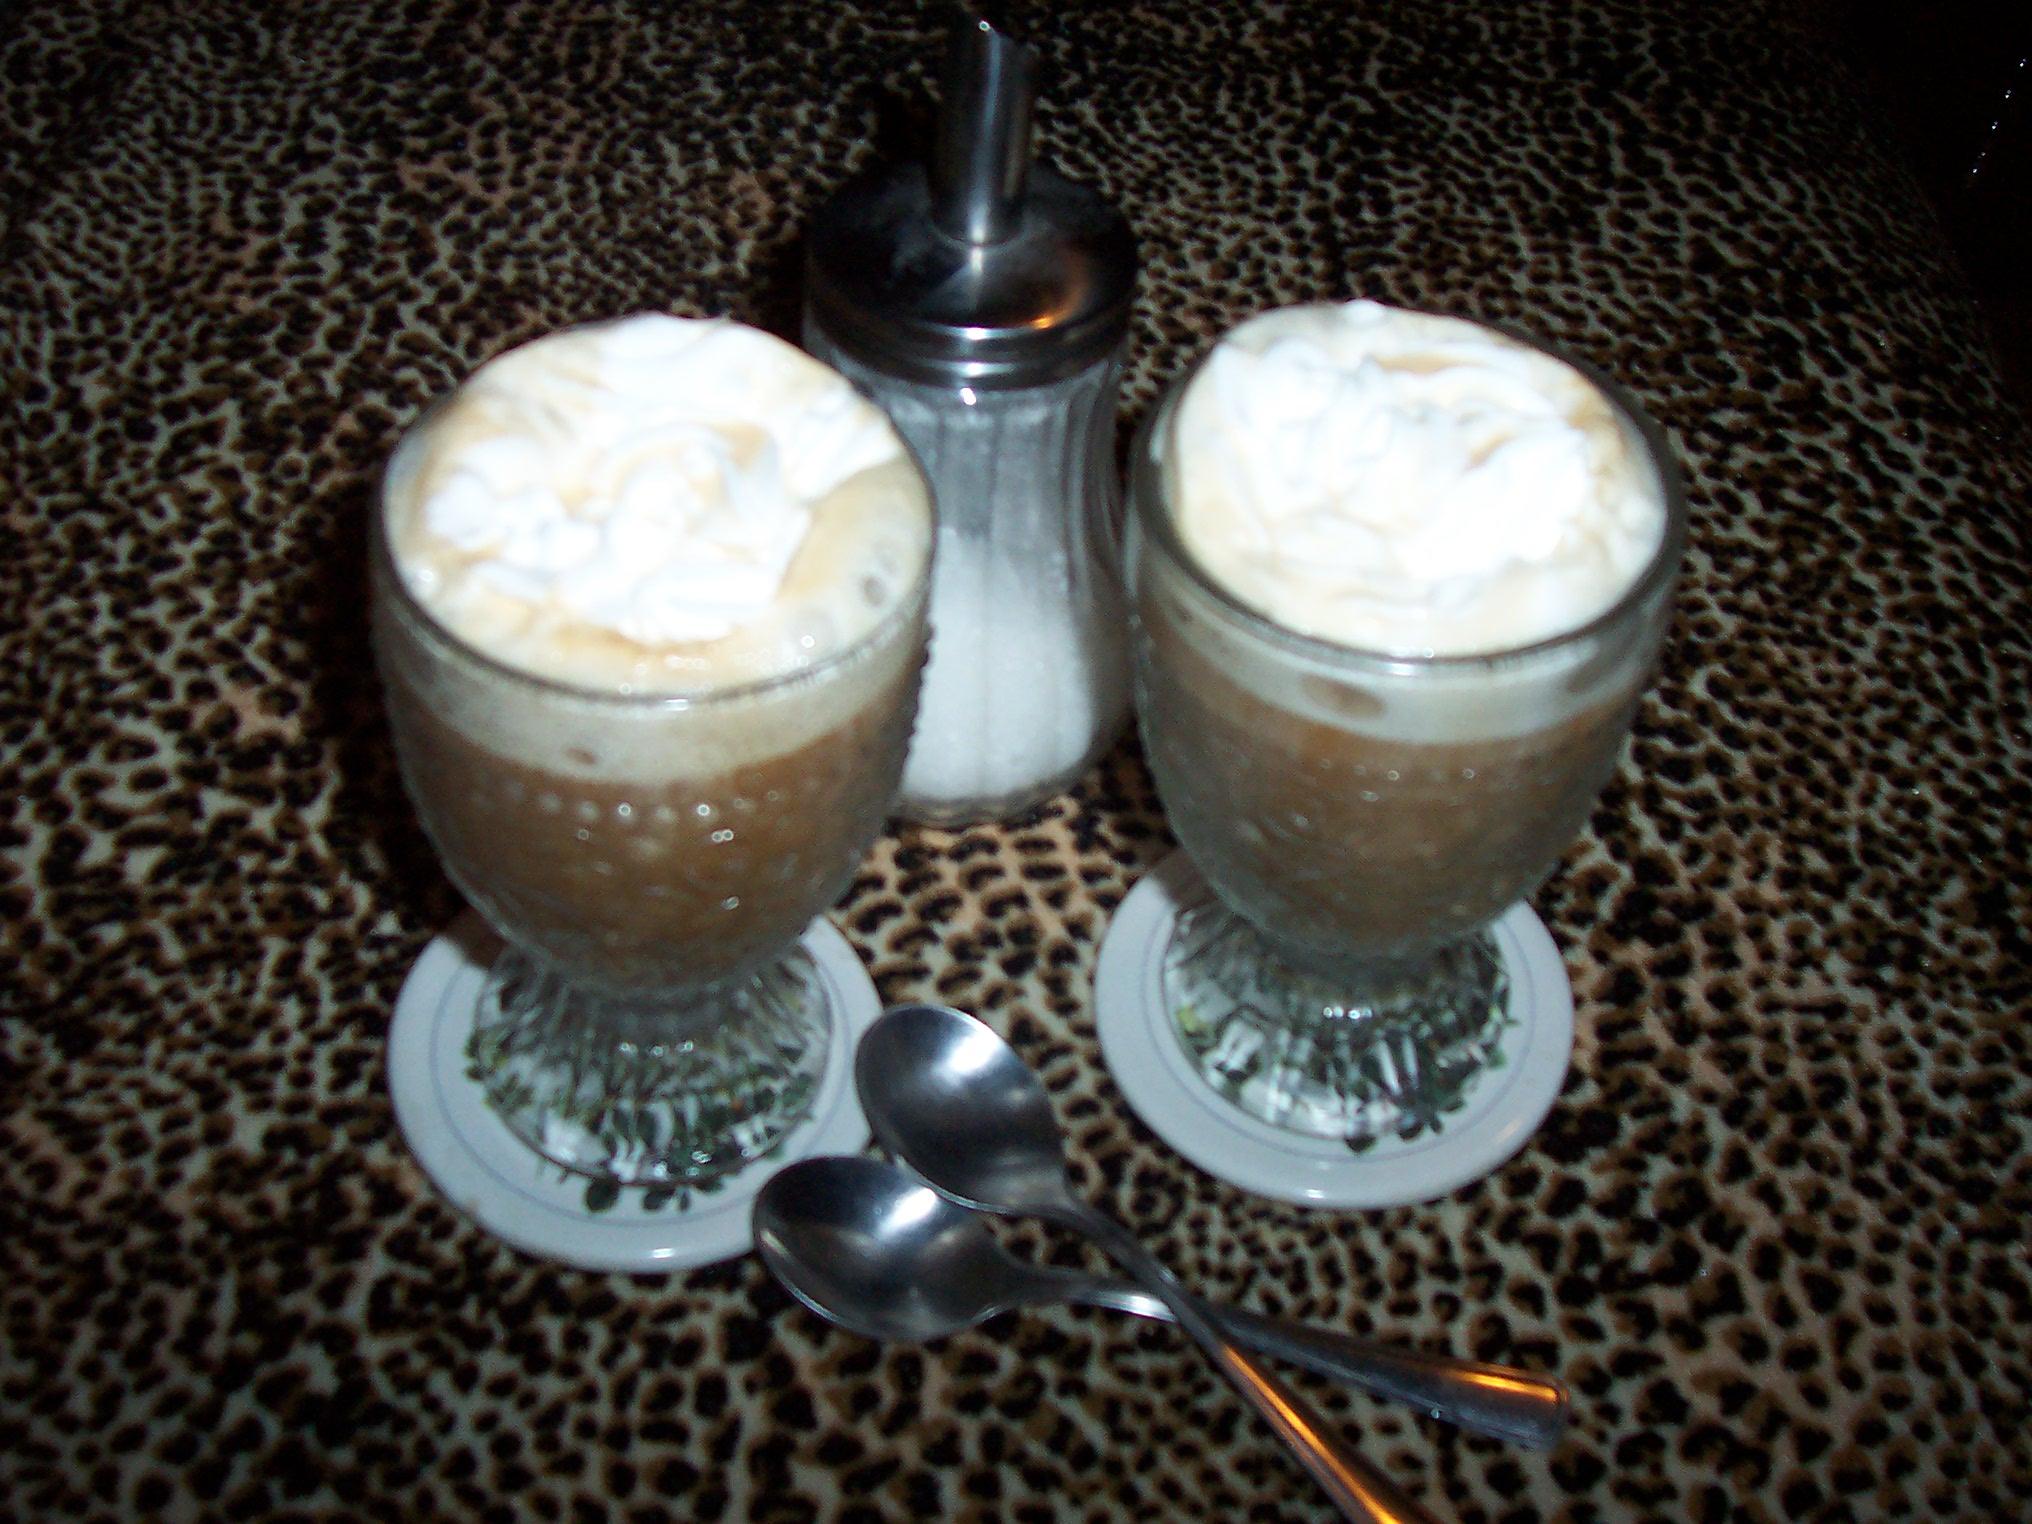 Pařížská káva